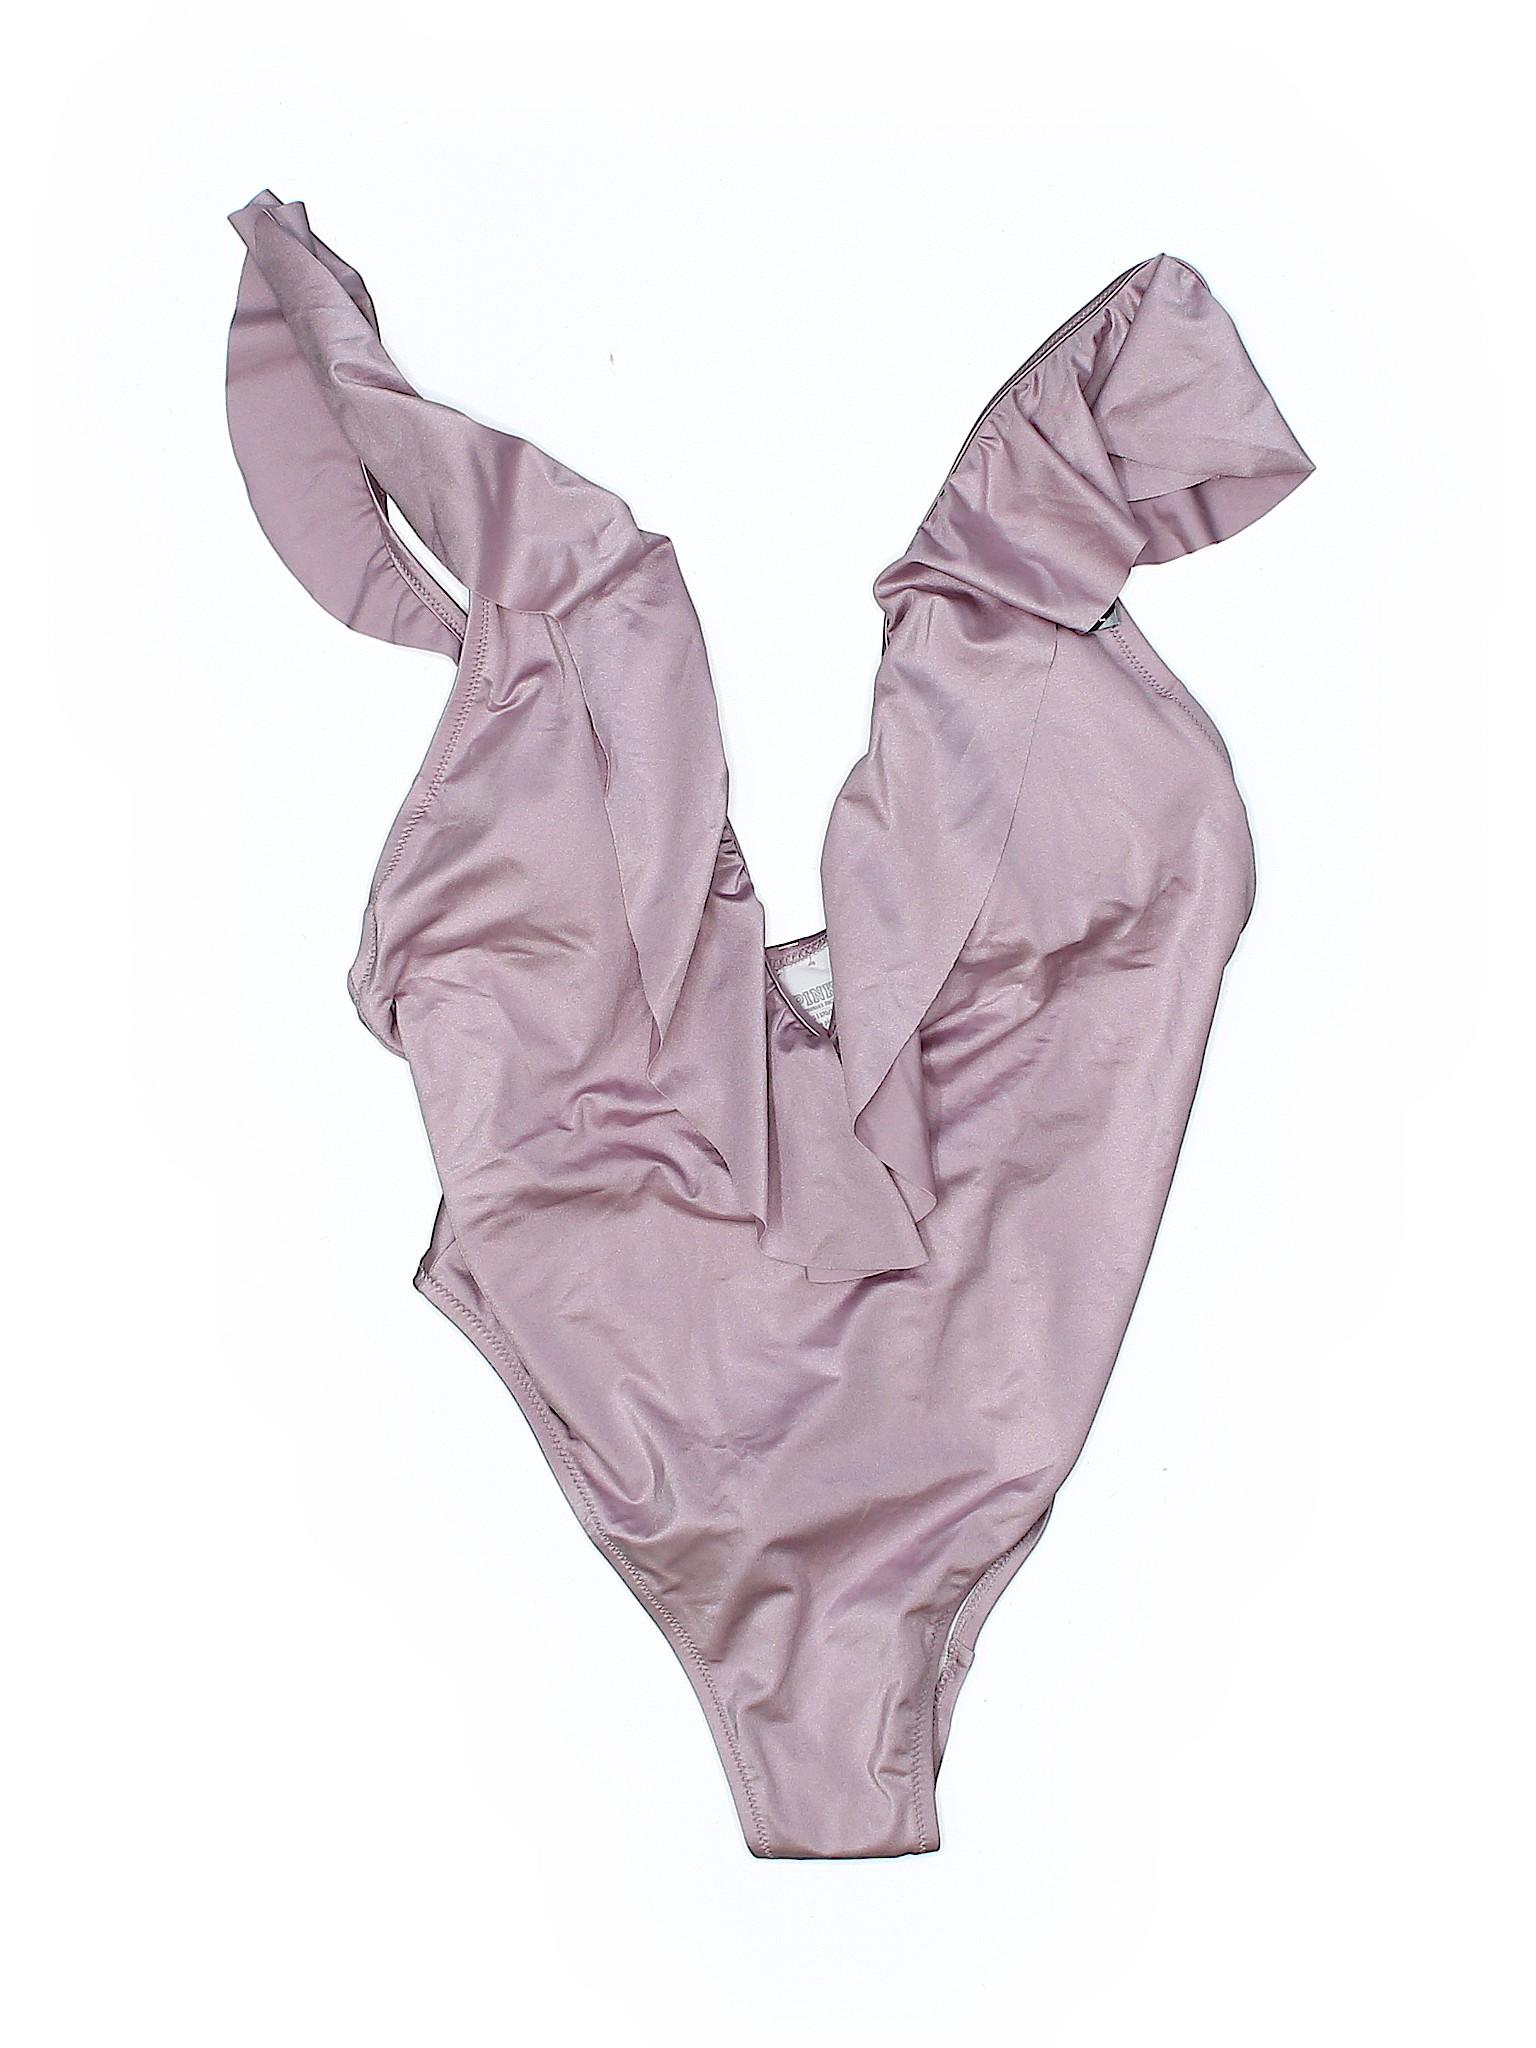 Pink One Secret Swimsuit Piece Victoria's Boutique Eq4pw7cW